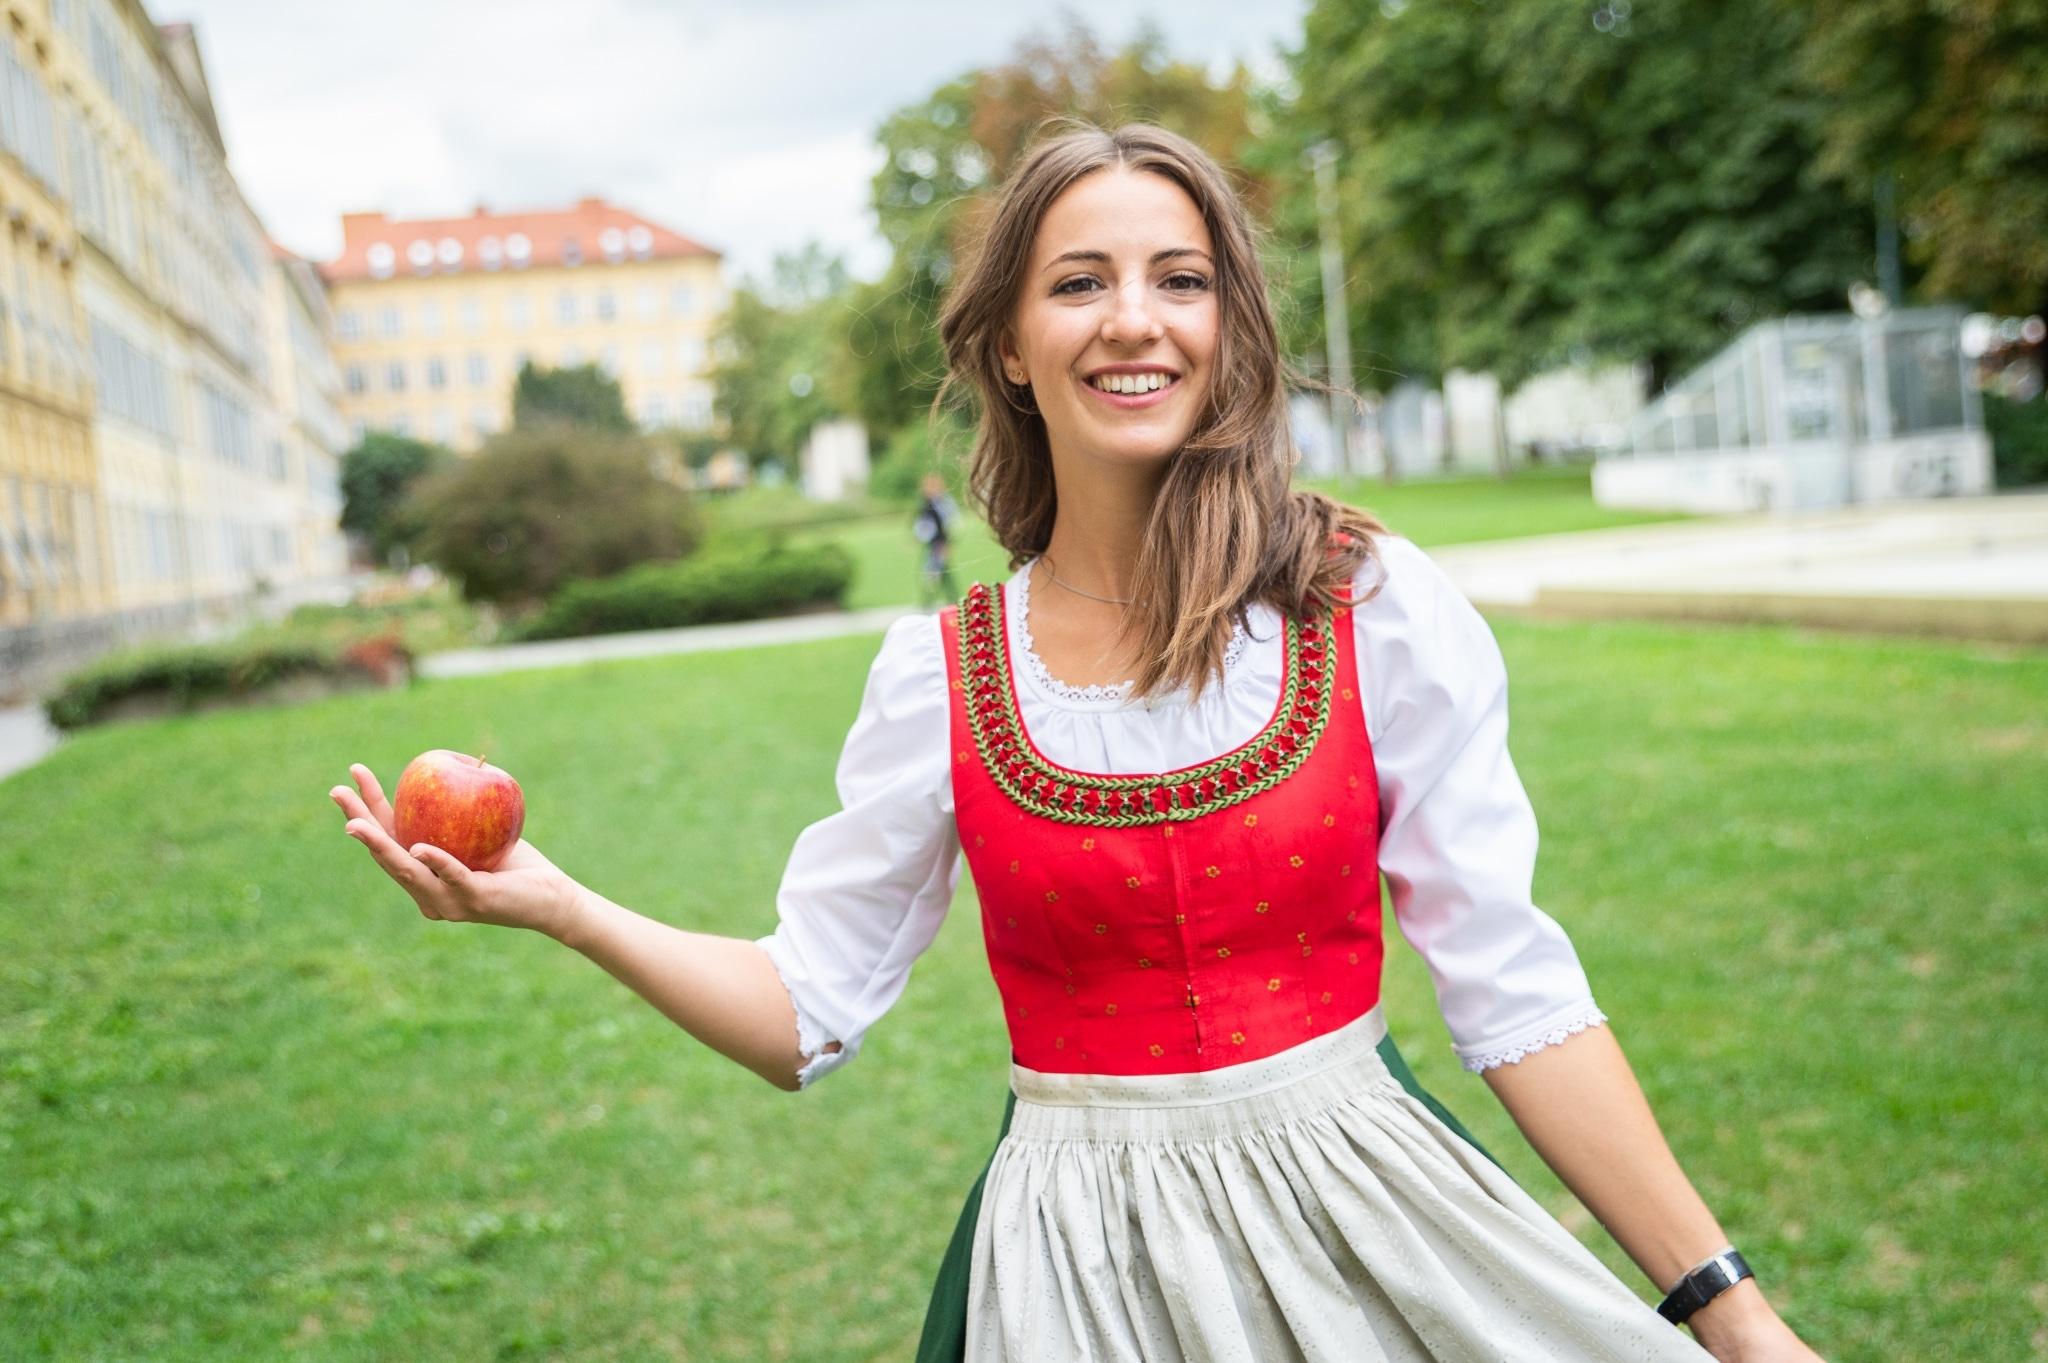 Apfelprinzessin Judith mit Apfel in der Hand